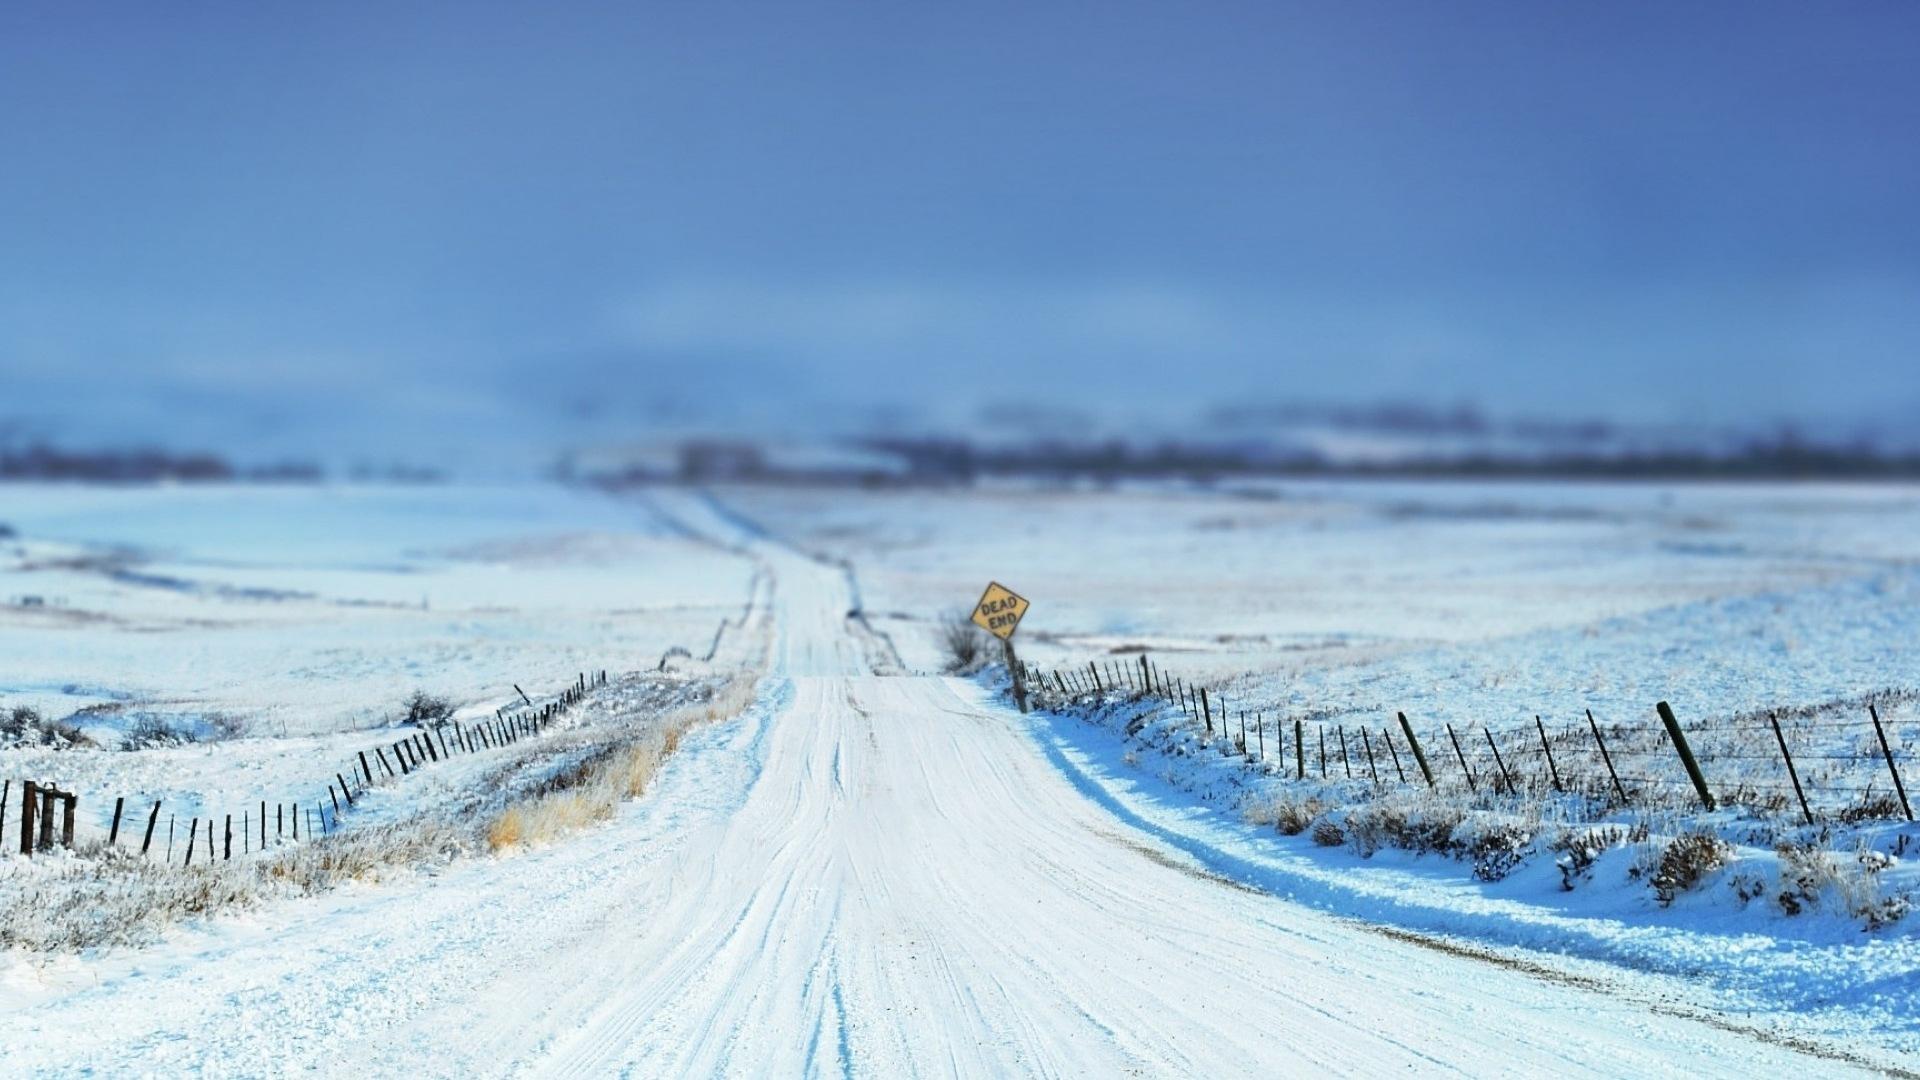 Hiver neige montagnes lacs arbres routes fonds d for Photo hd gratuite